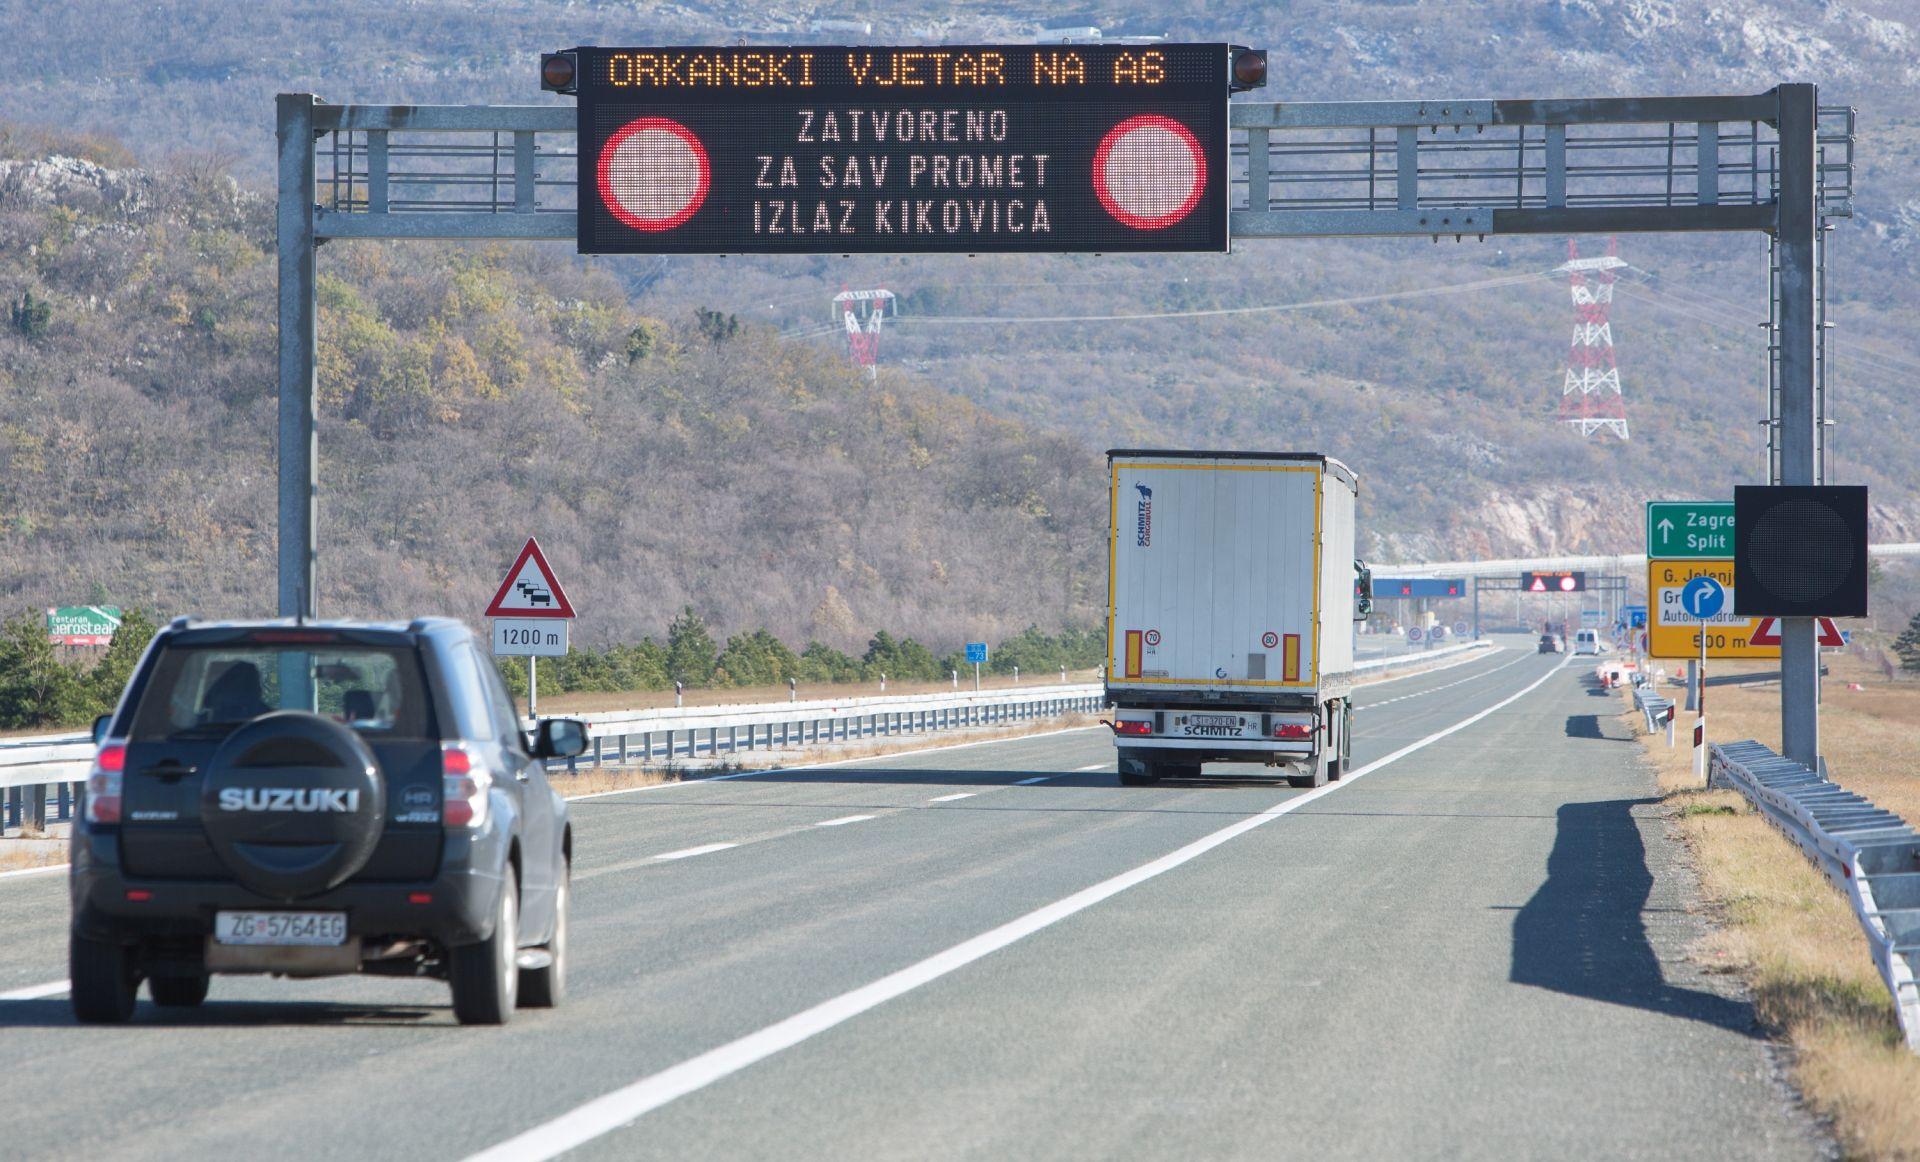 HAK Jak vjetar ograničava promet, nesreća na zagrebačkoj obilaznici